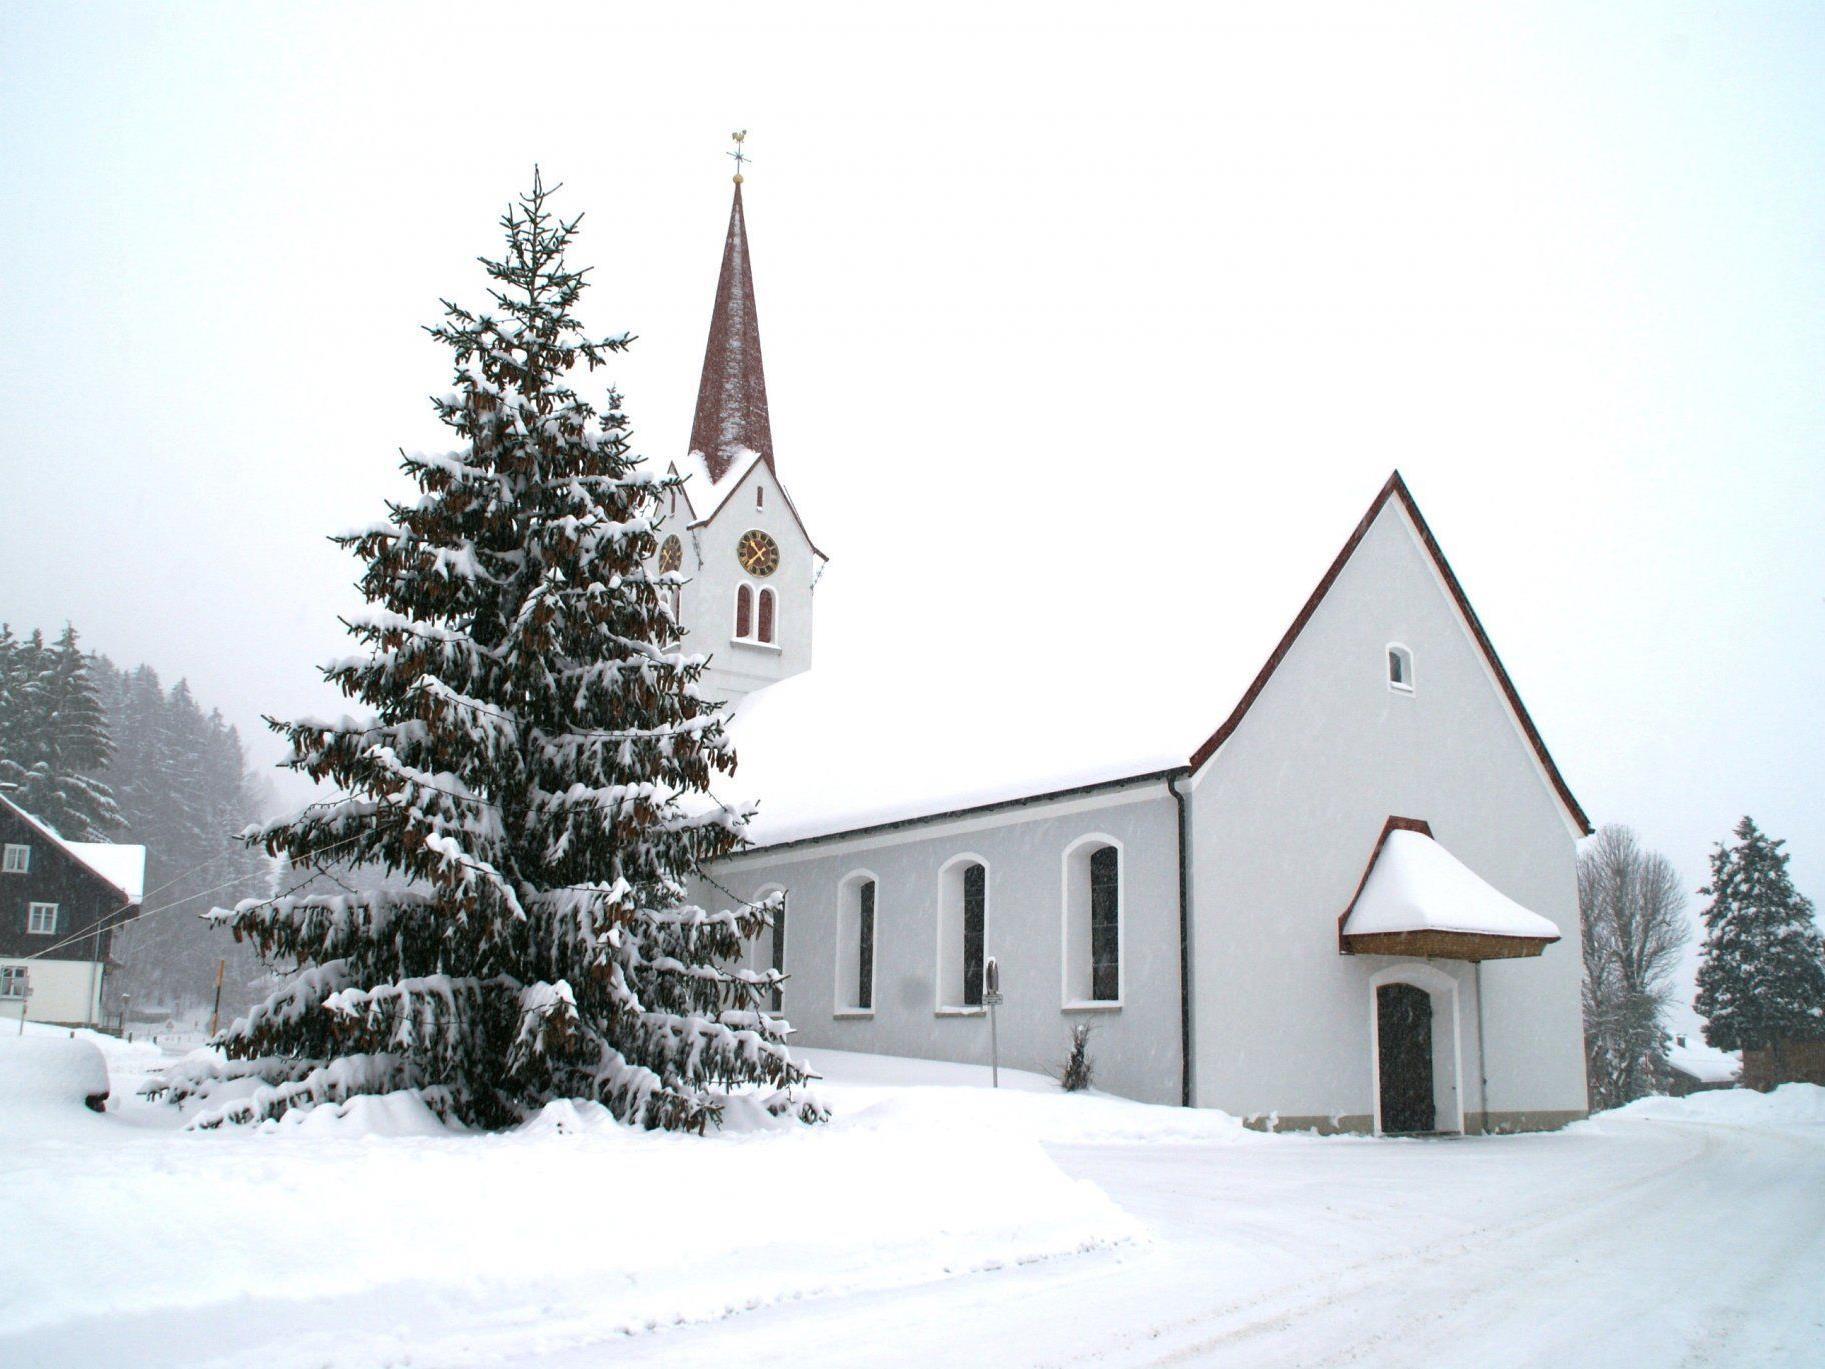 Ein Christbaum mit vielen Tannenzapfen vor der tief verschneiten Pfarrkirche in Sibratsgfäll lässt Weihnachtsstimmung aufkommen.